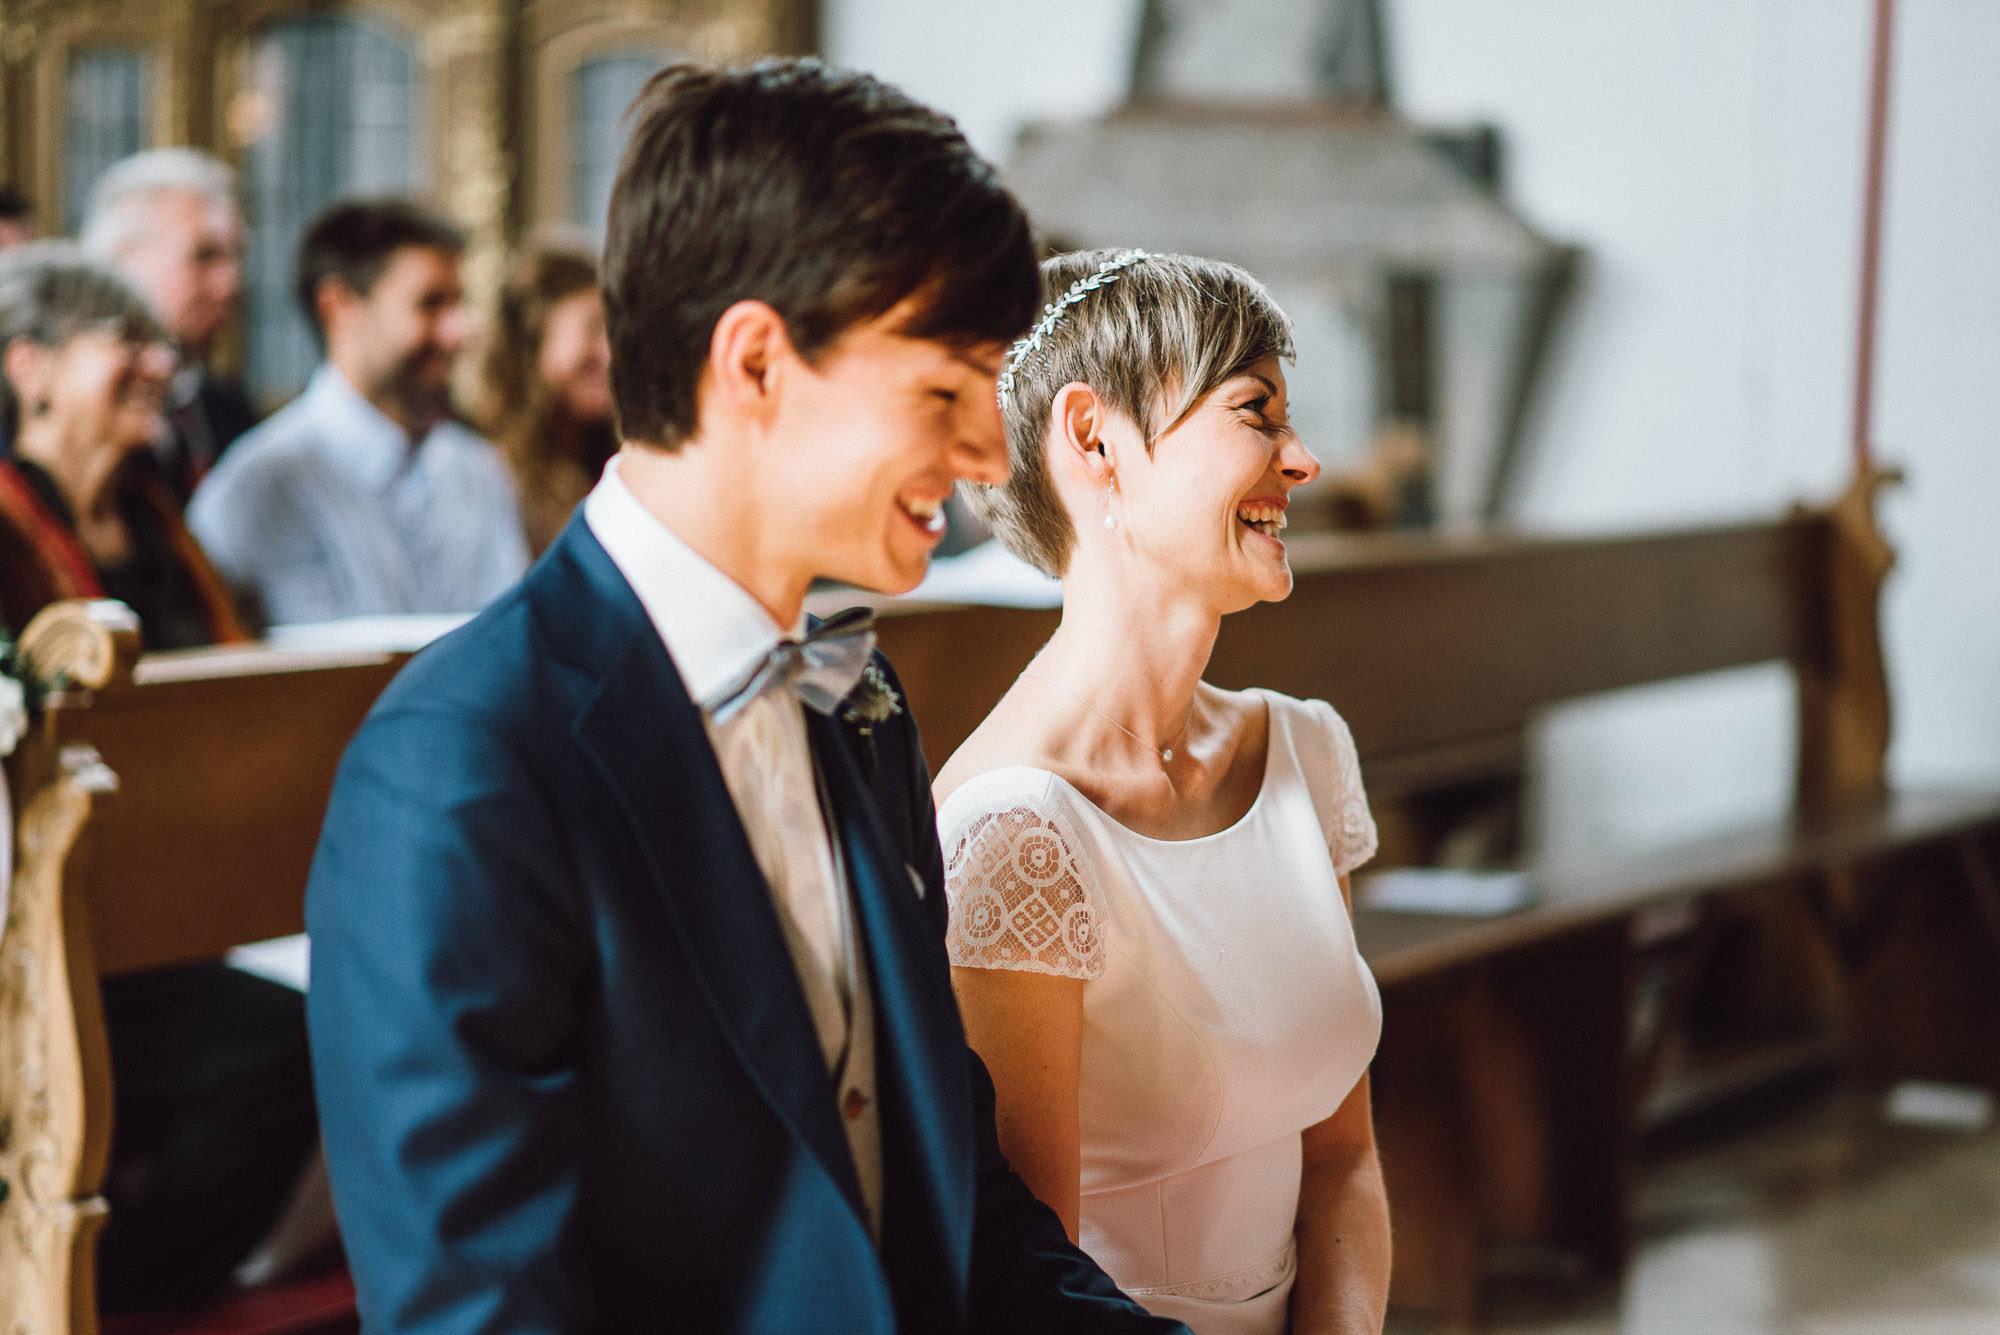 greenery-wedding-hochzeit-prielhof-sukkulenten-scheyern-lauraelenaphotography-040